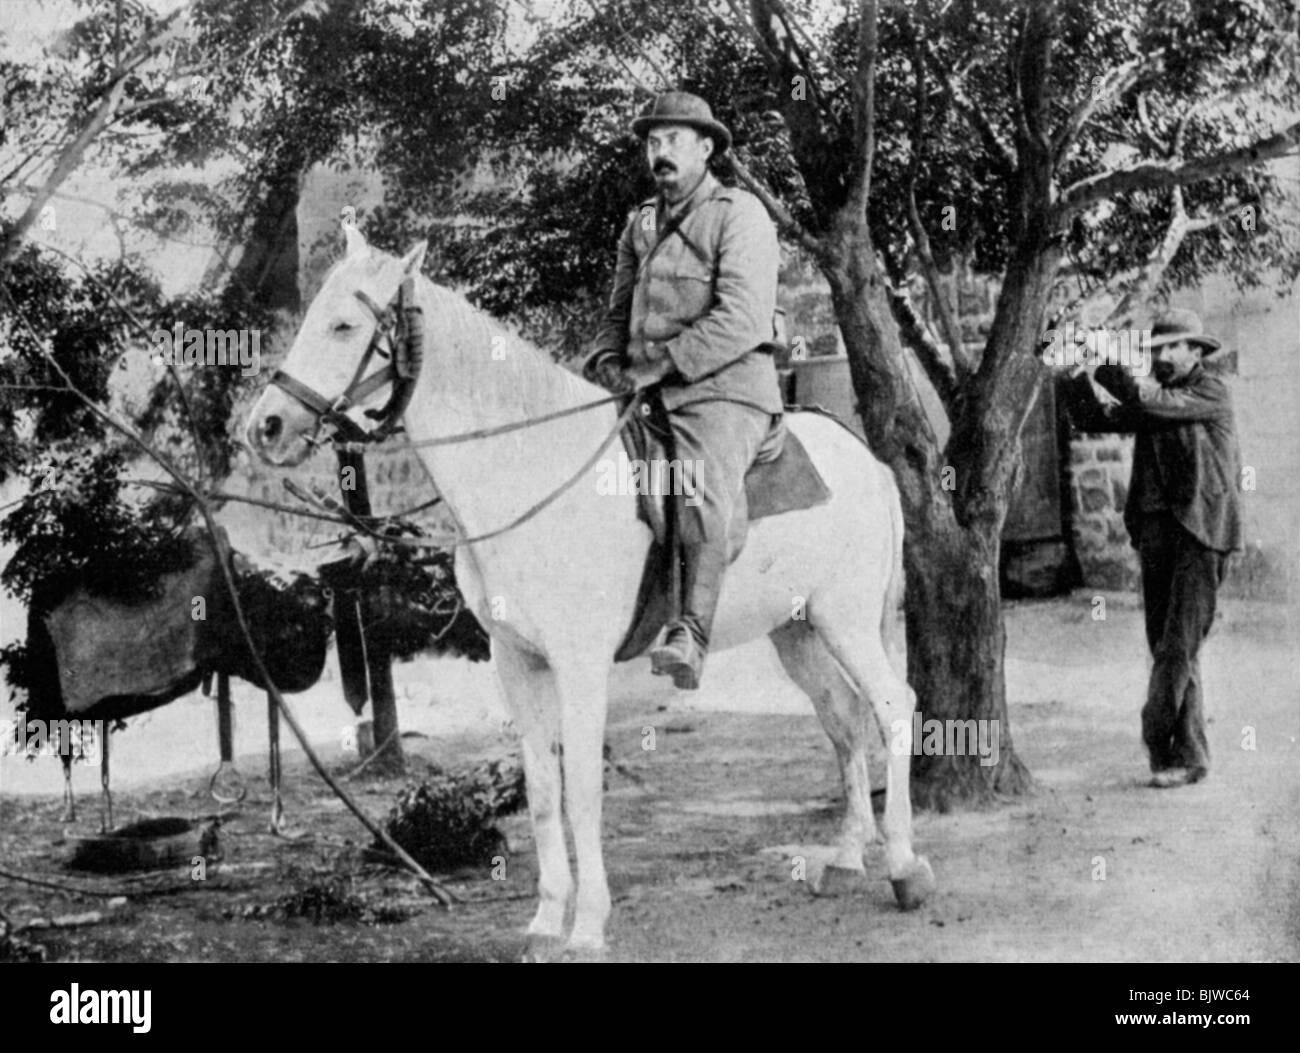 Louis Botha, Afrikaner soldier and statesman, 1900 (1951). - Stock Image